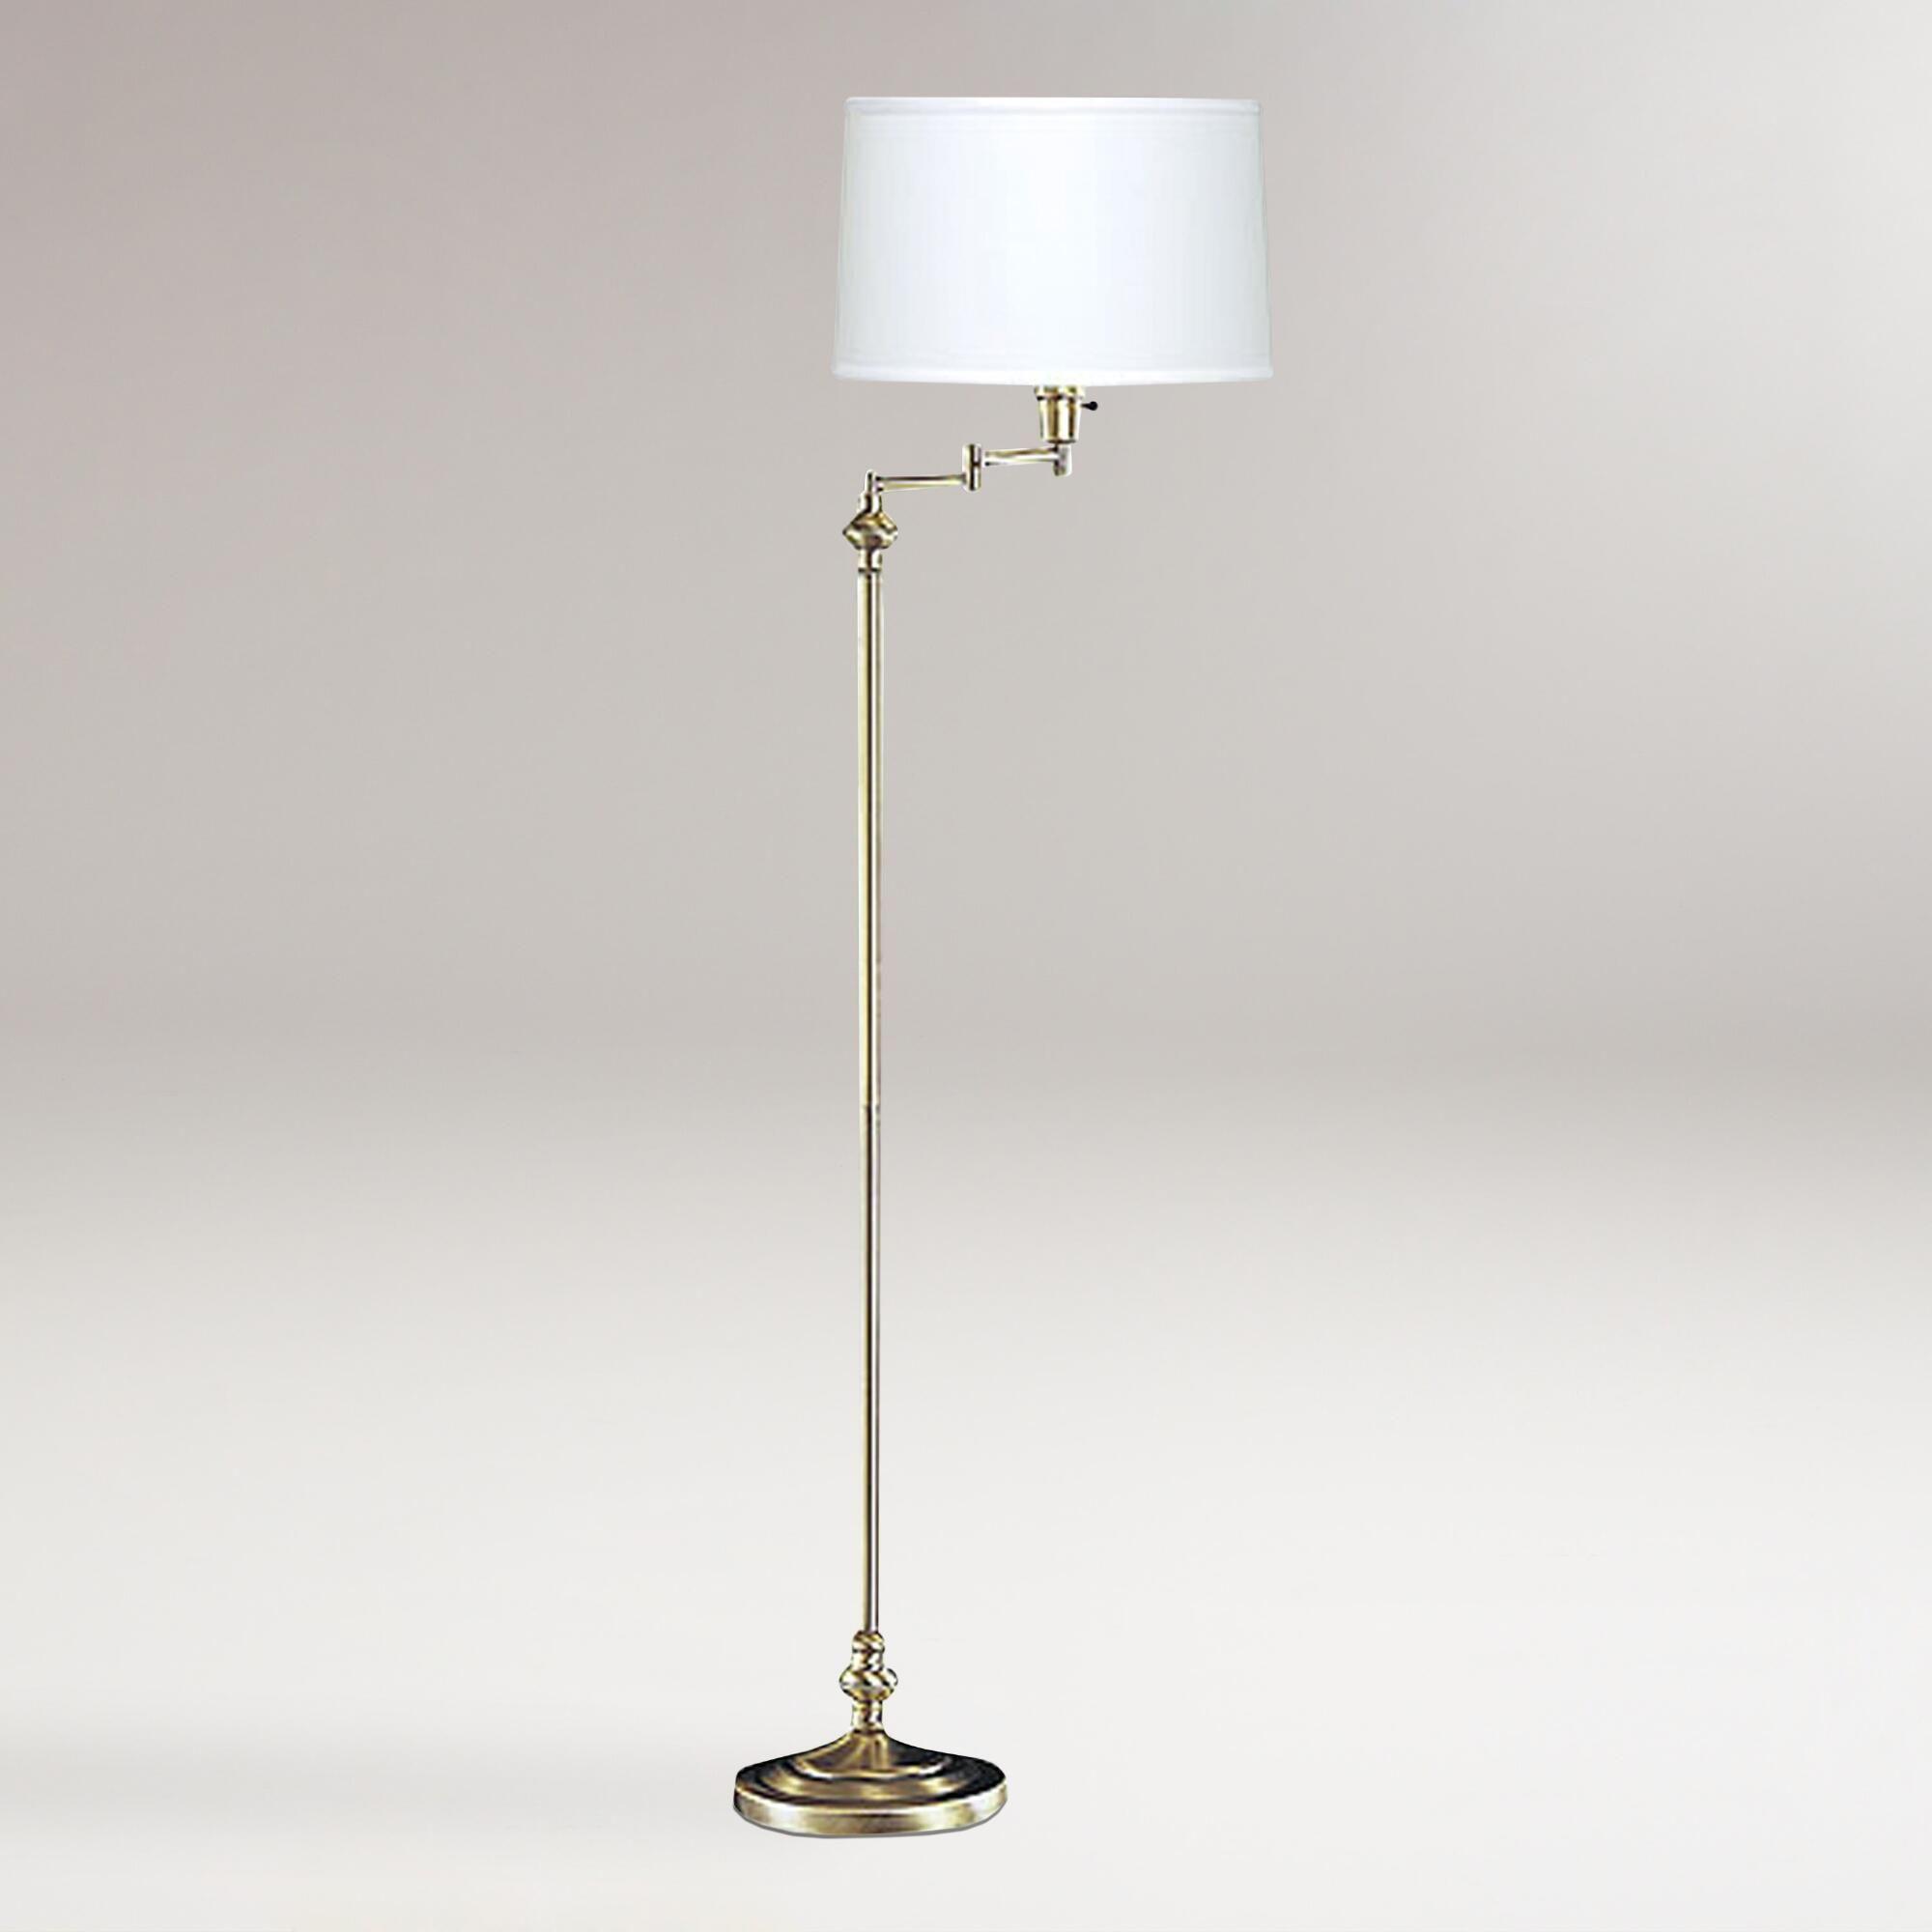 Antique bronze swing arm floor lamp world market swing